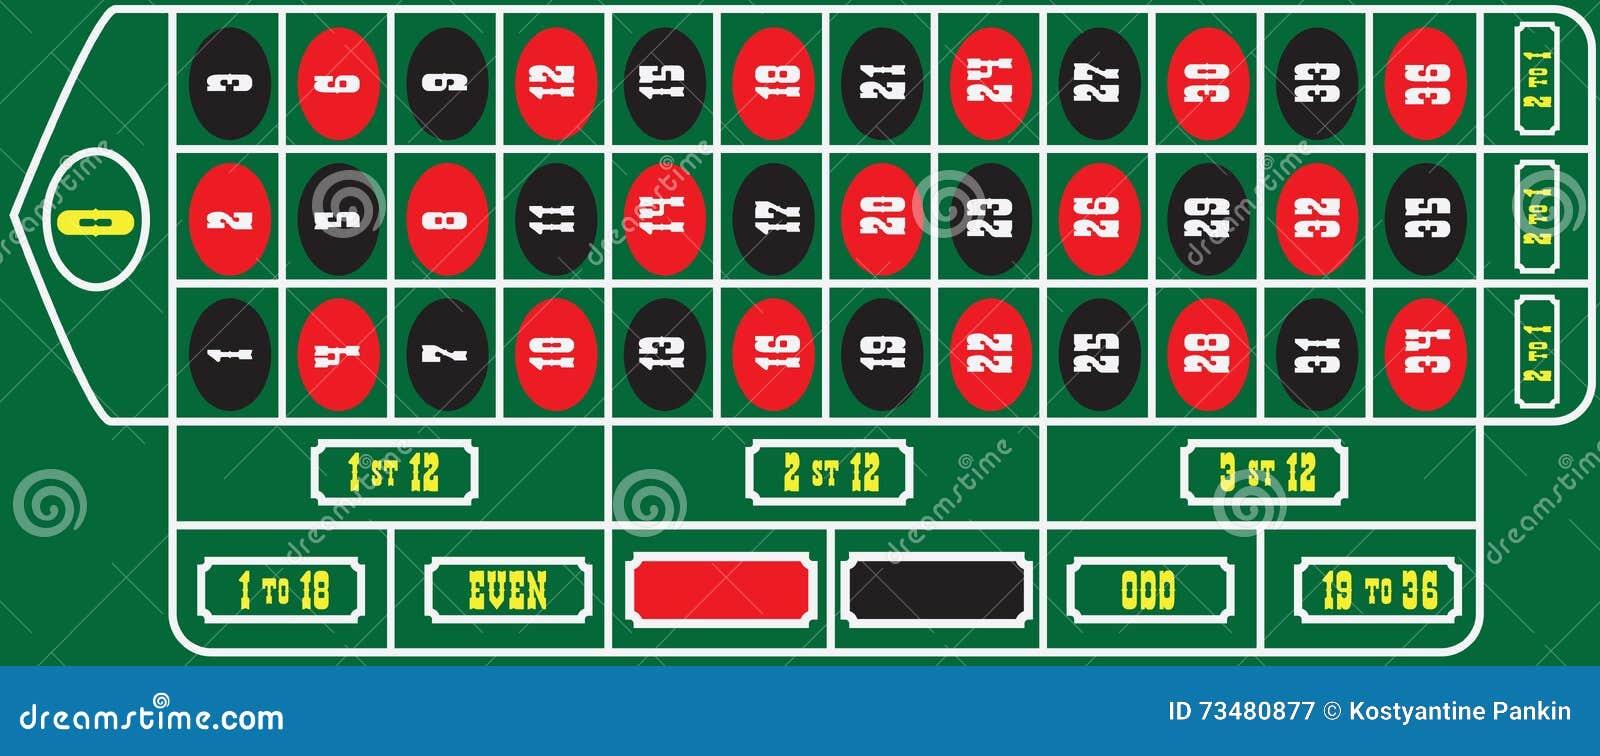 Panno verde roulette tavolo da roulette con panno verde da gioco - Il tavolo della roulette ...